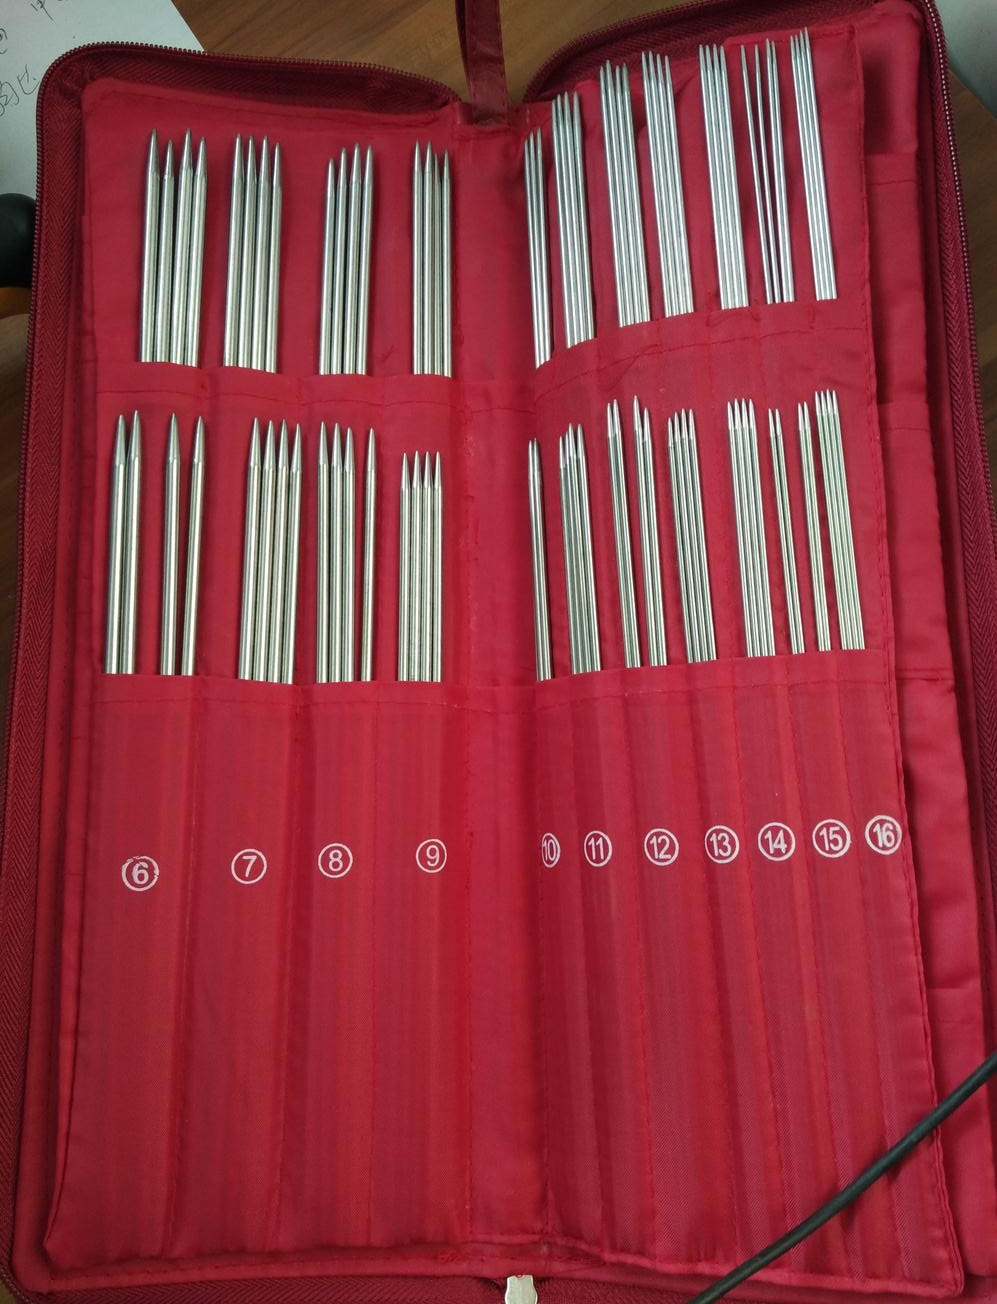 Вязание иглы профессиональный DIY 121 шт. ручной спиц комплект Вязание ткацкие инструменты набор Нержавеющаясталь Вязание нужно 611